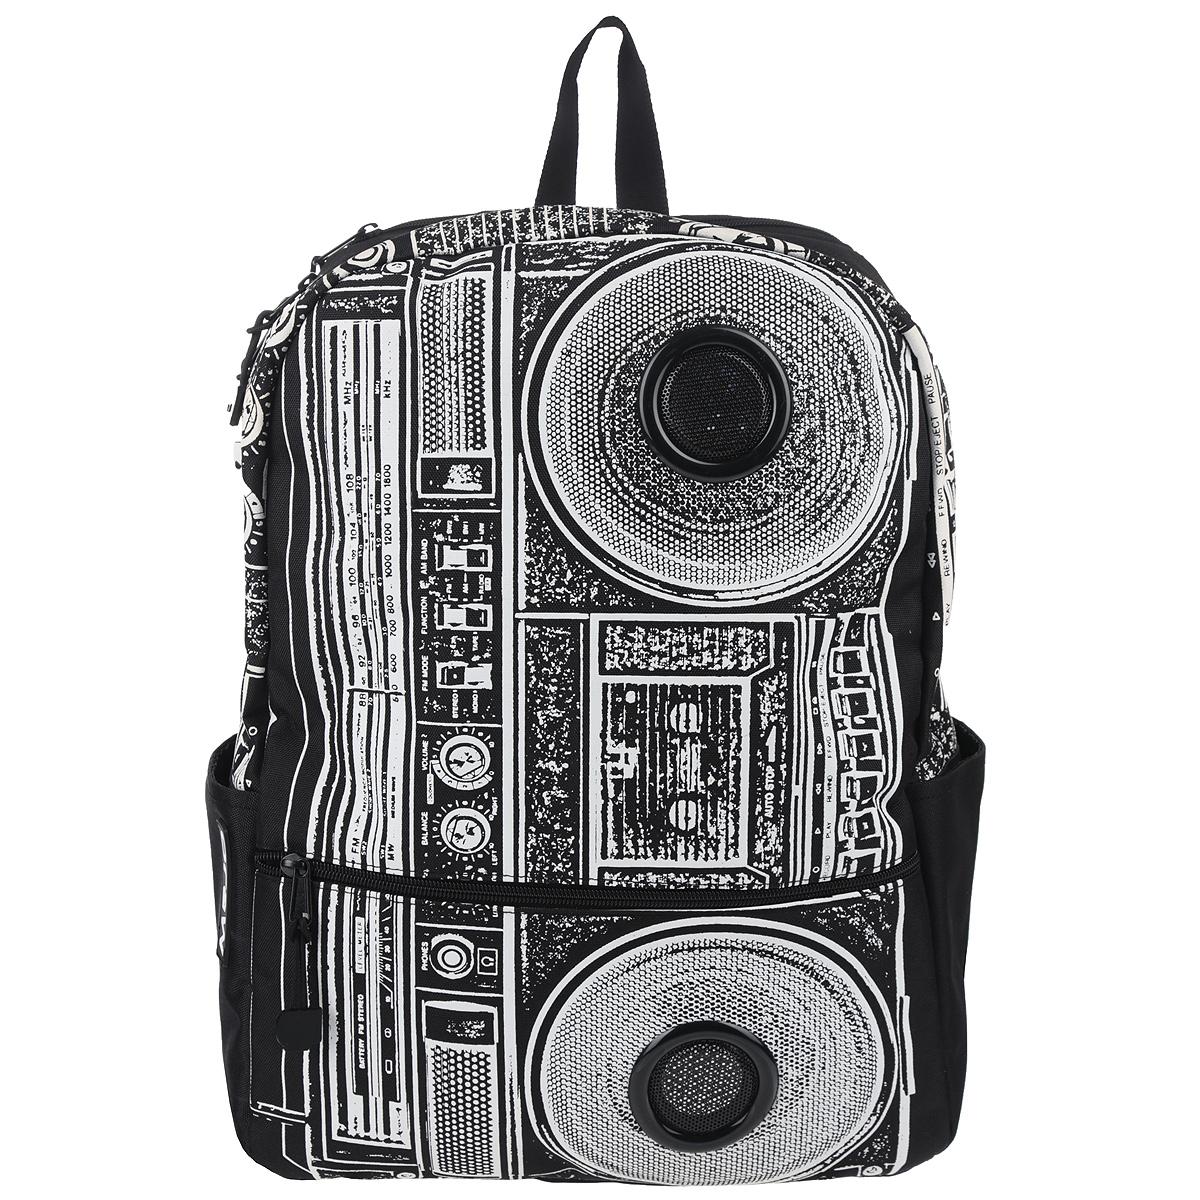 Рюкзак Mojo Pax Boombox, с динамиками, цвет: черный, белый. KZ9983489 mojo pax рюкзак dot hypno backpack